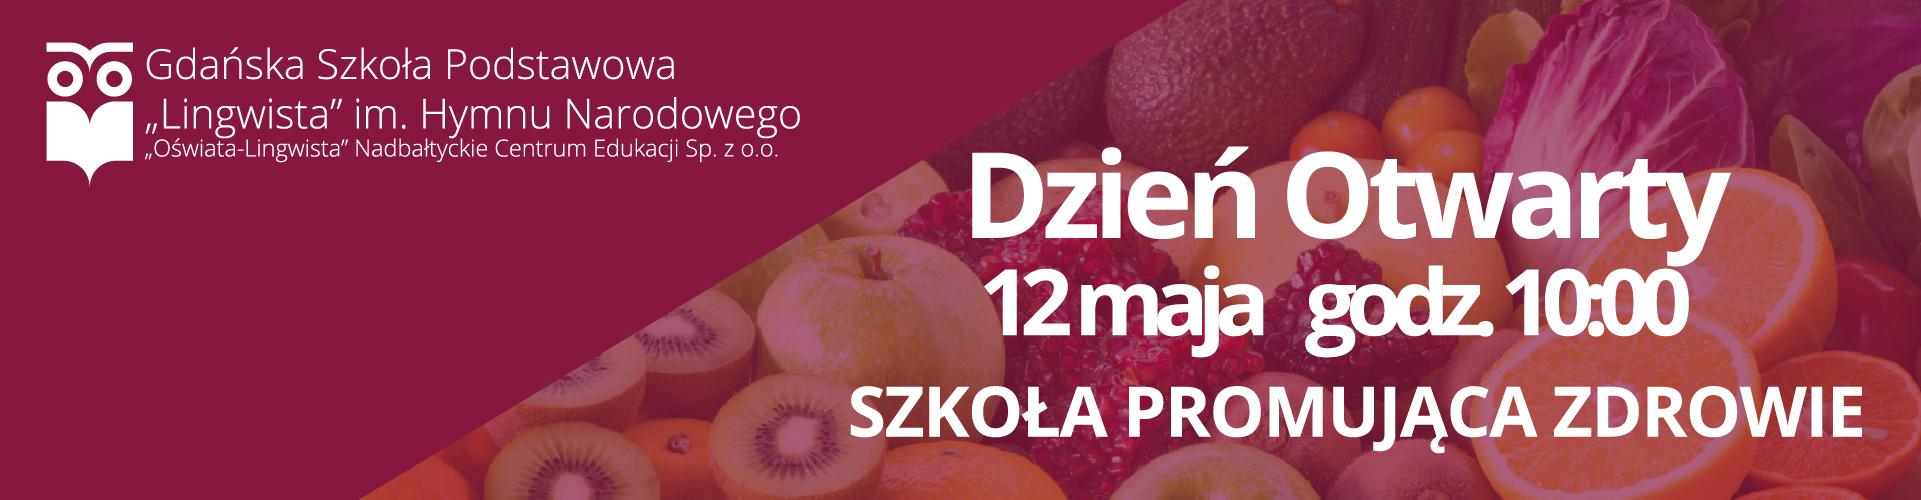 slider_splingwista-01